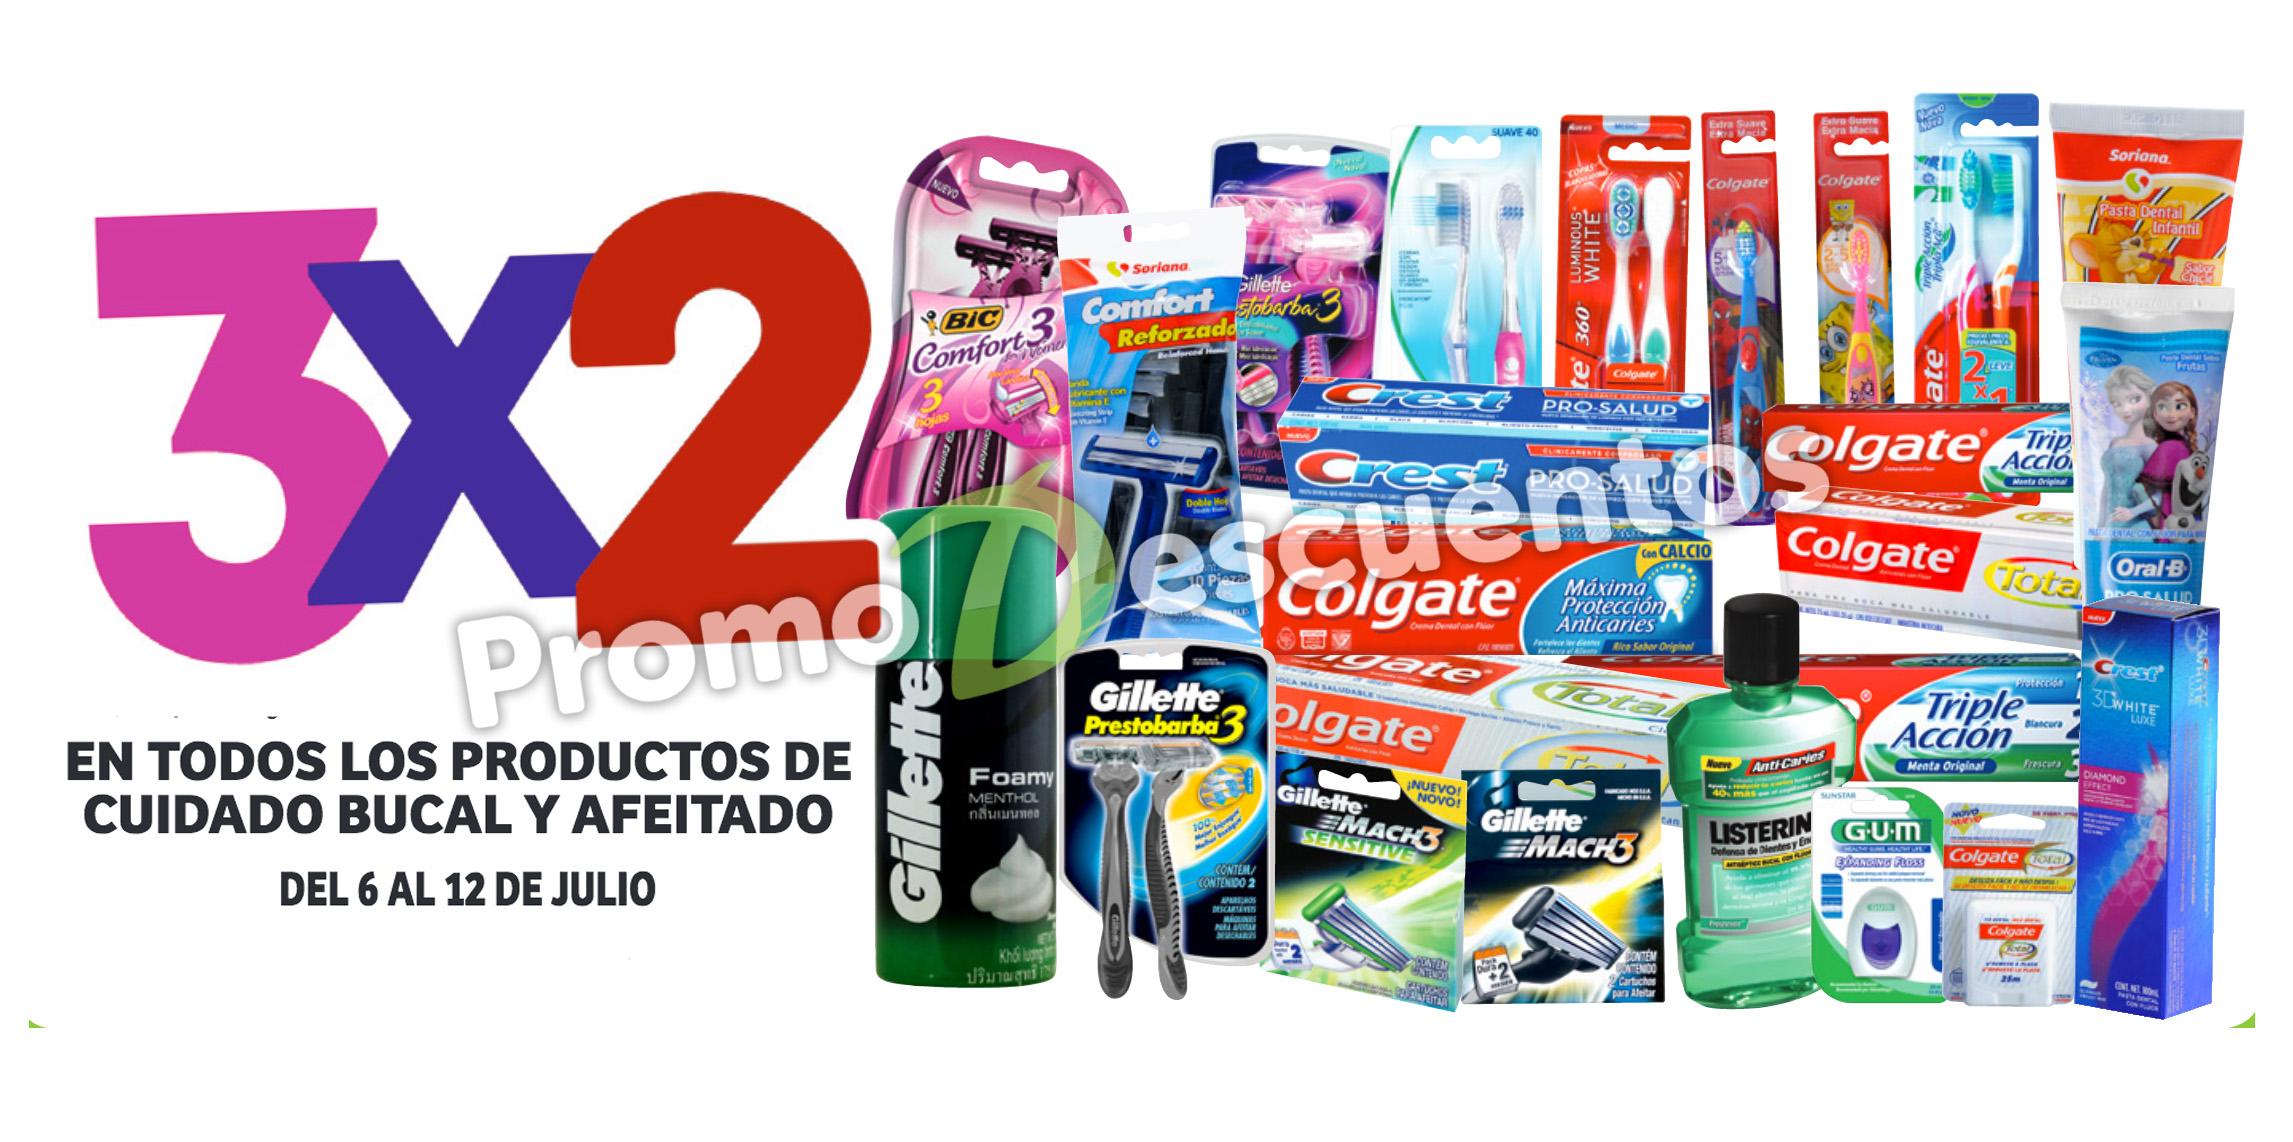 Julio Regalado 2016 en Soriana y Comercial Mexicana: 3x2 en higiene bucal y afeitado